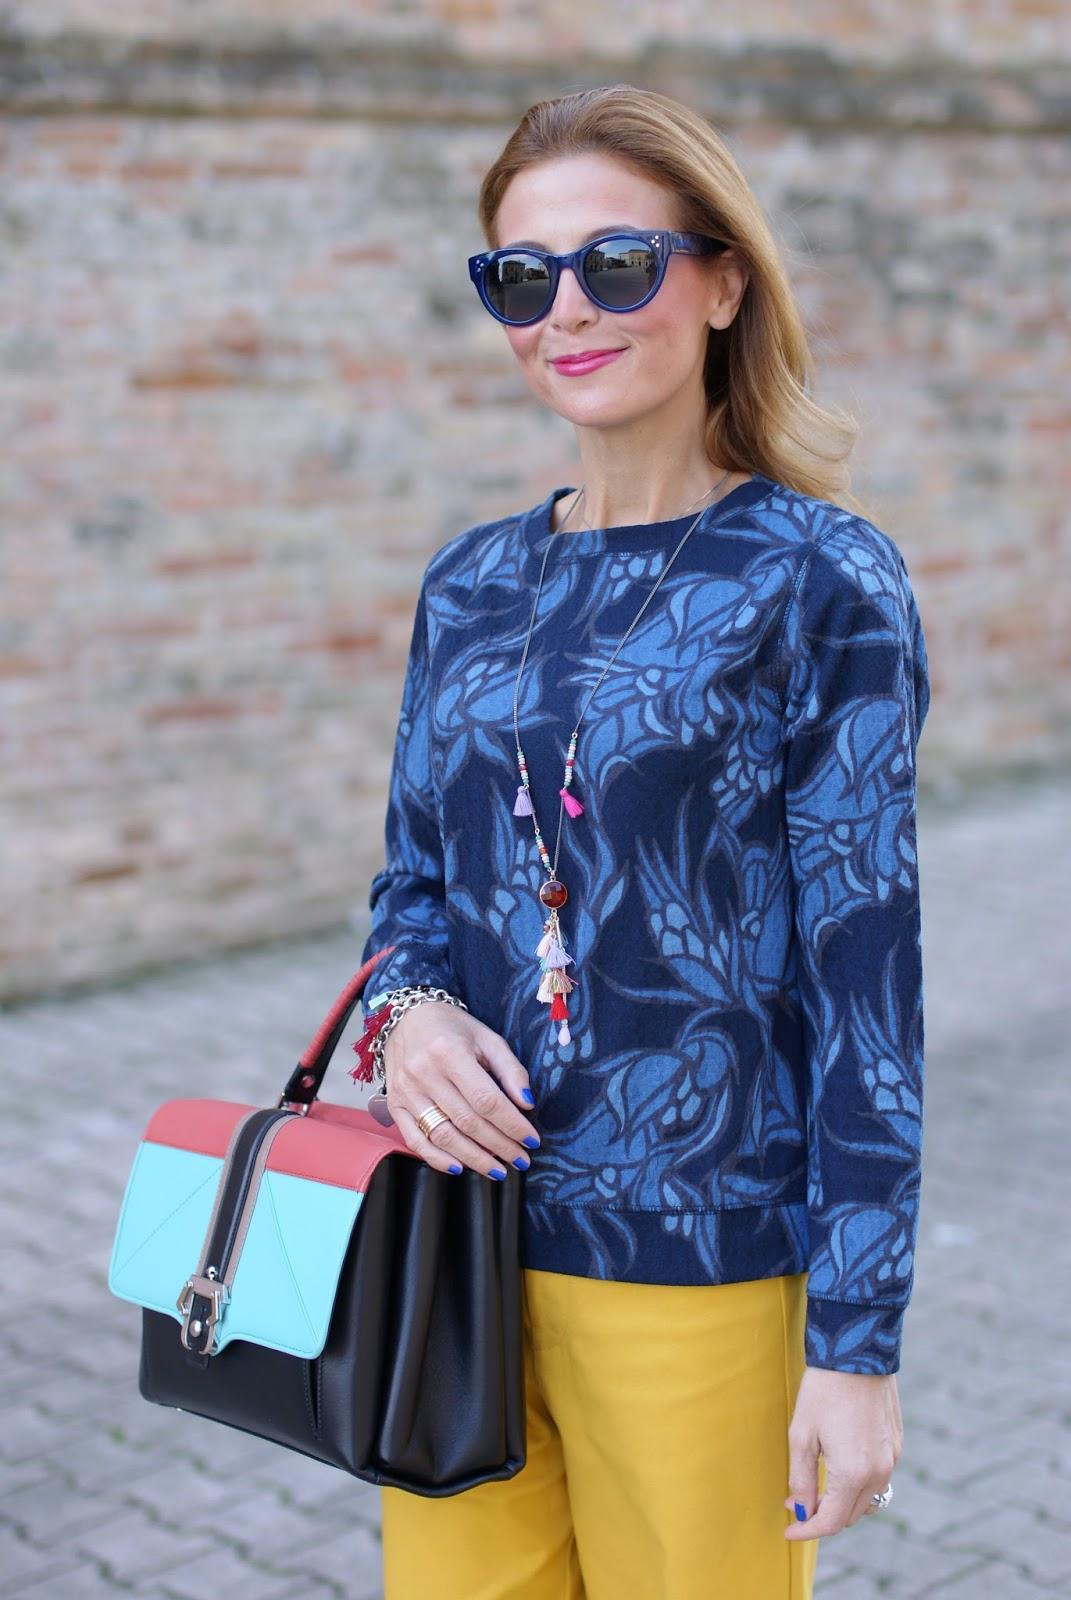 Paula Cademartori Faye best bag, Faye handbag, yellow pants and Hype Glass on Fashion and Cookies fashion blog